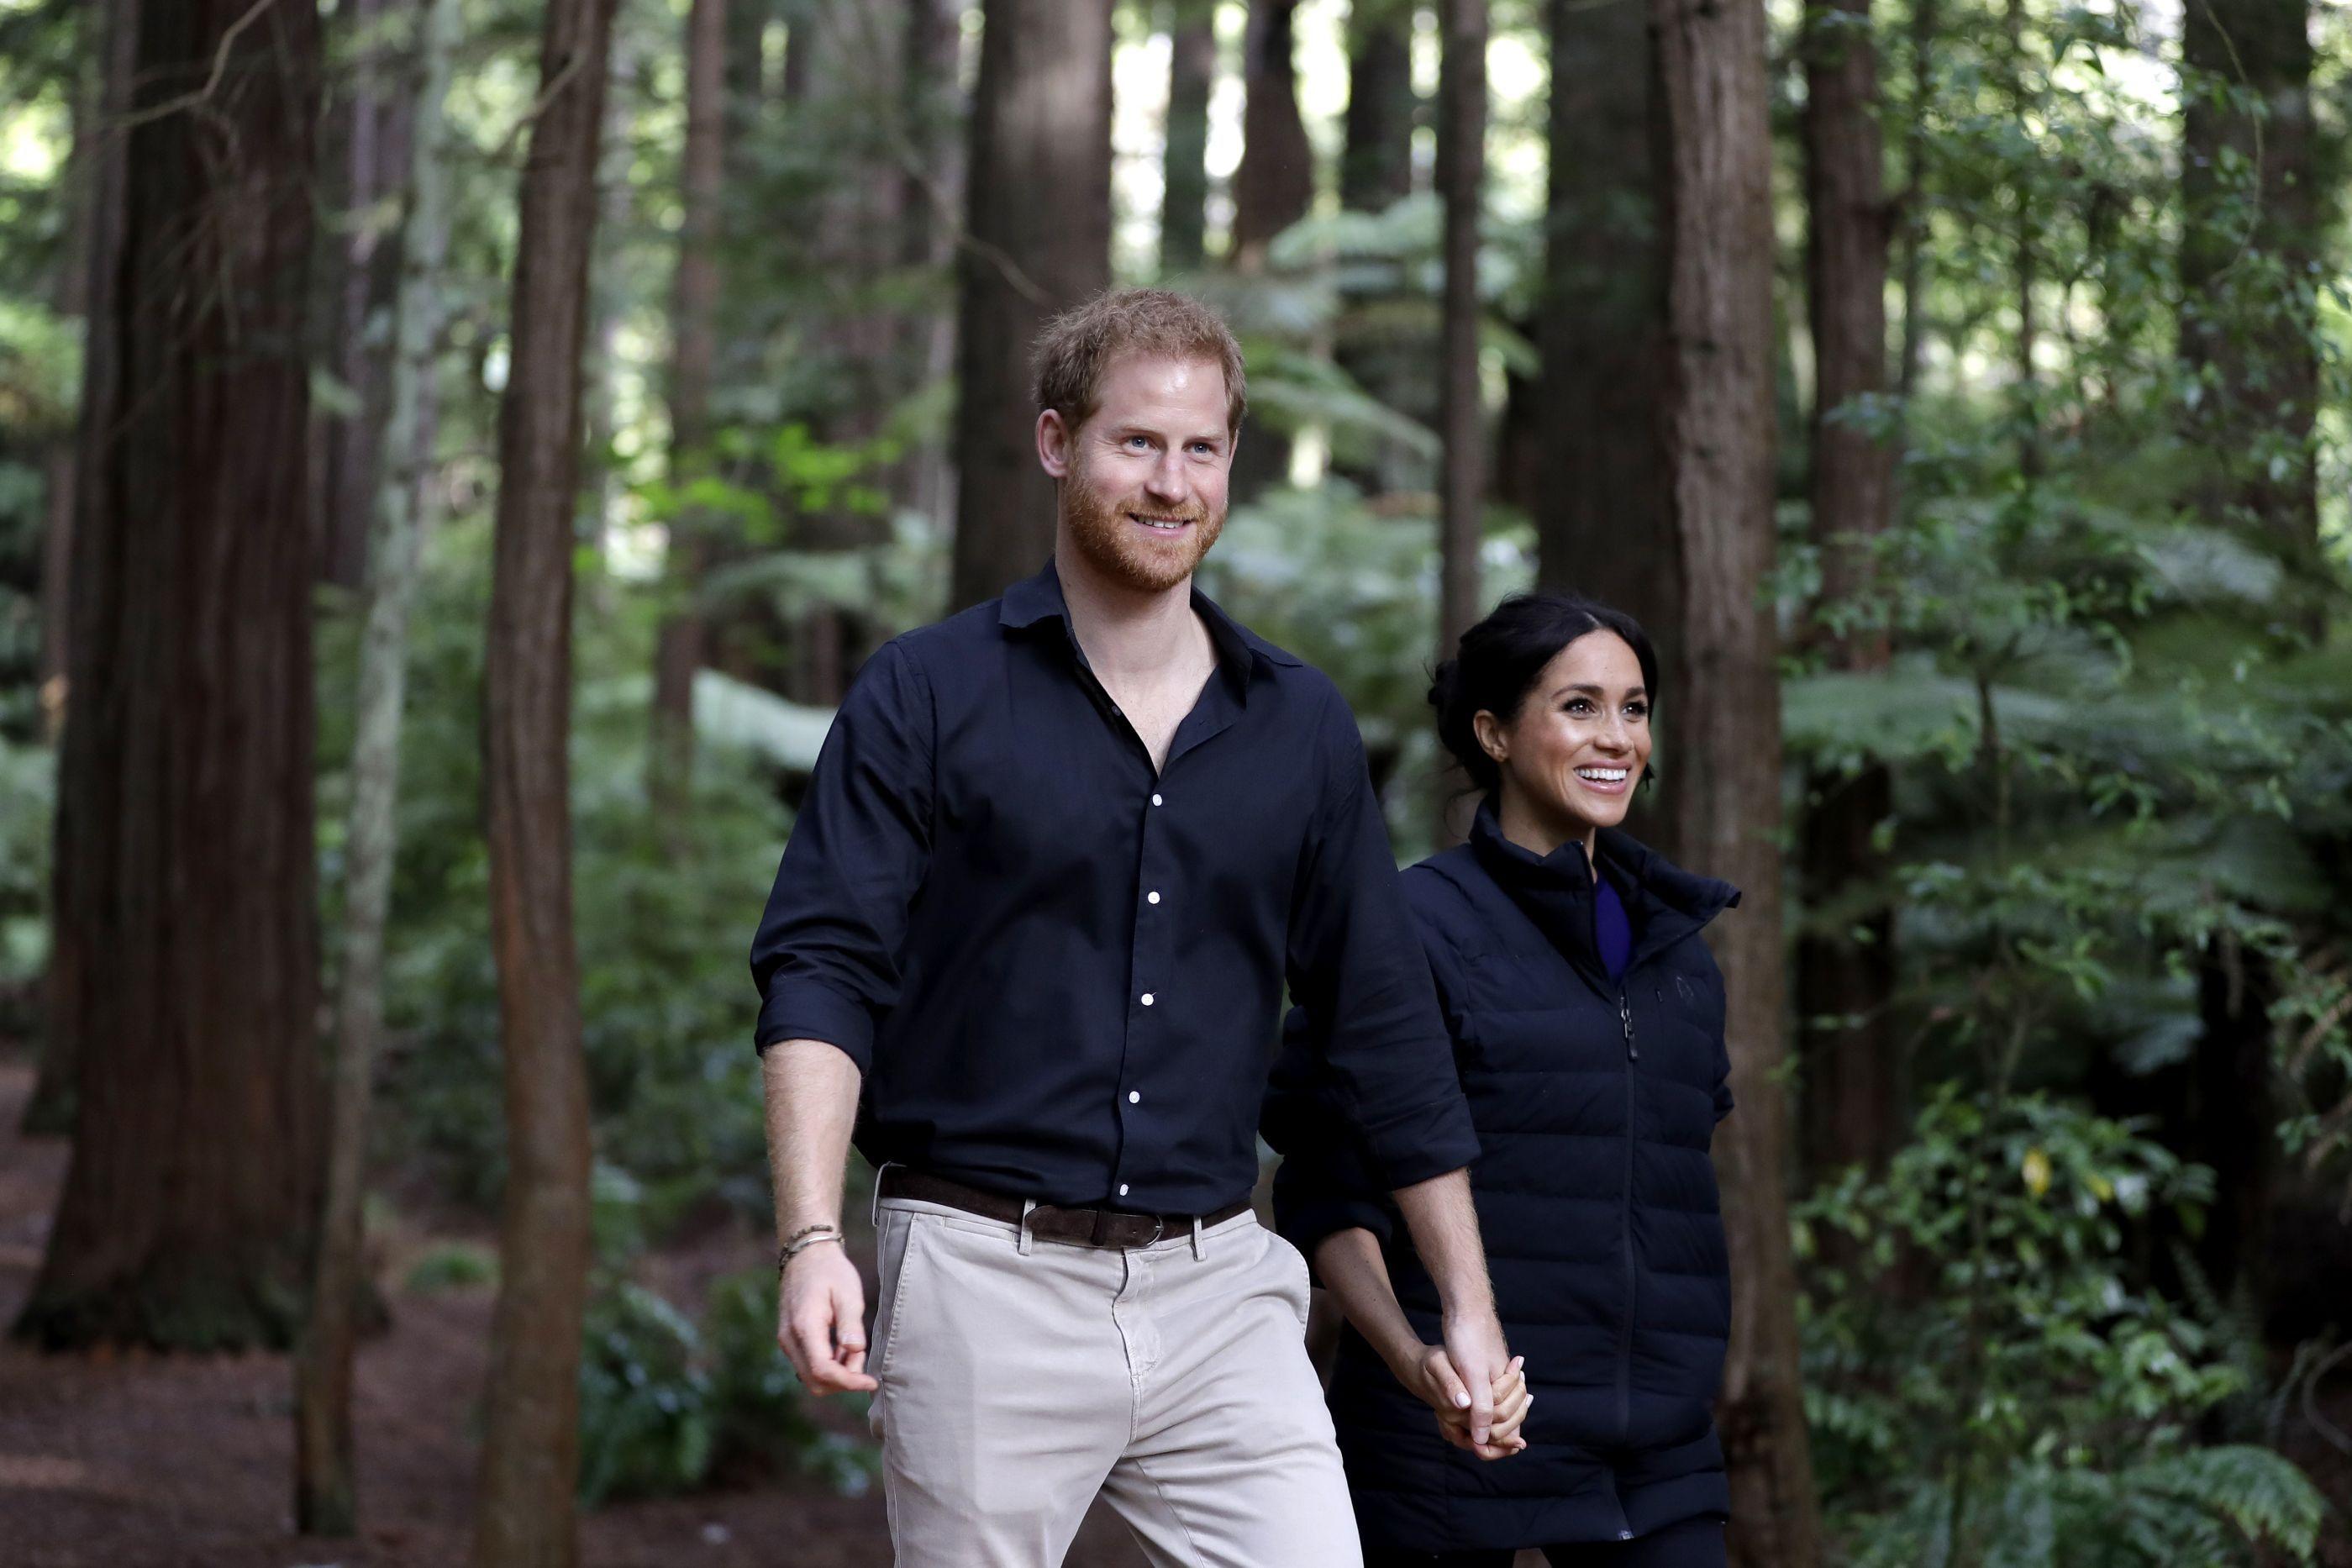 Filho de Meghan e Harry poderá ter nome menos tradicional. Sabe porquê?